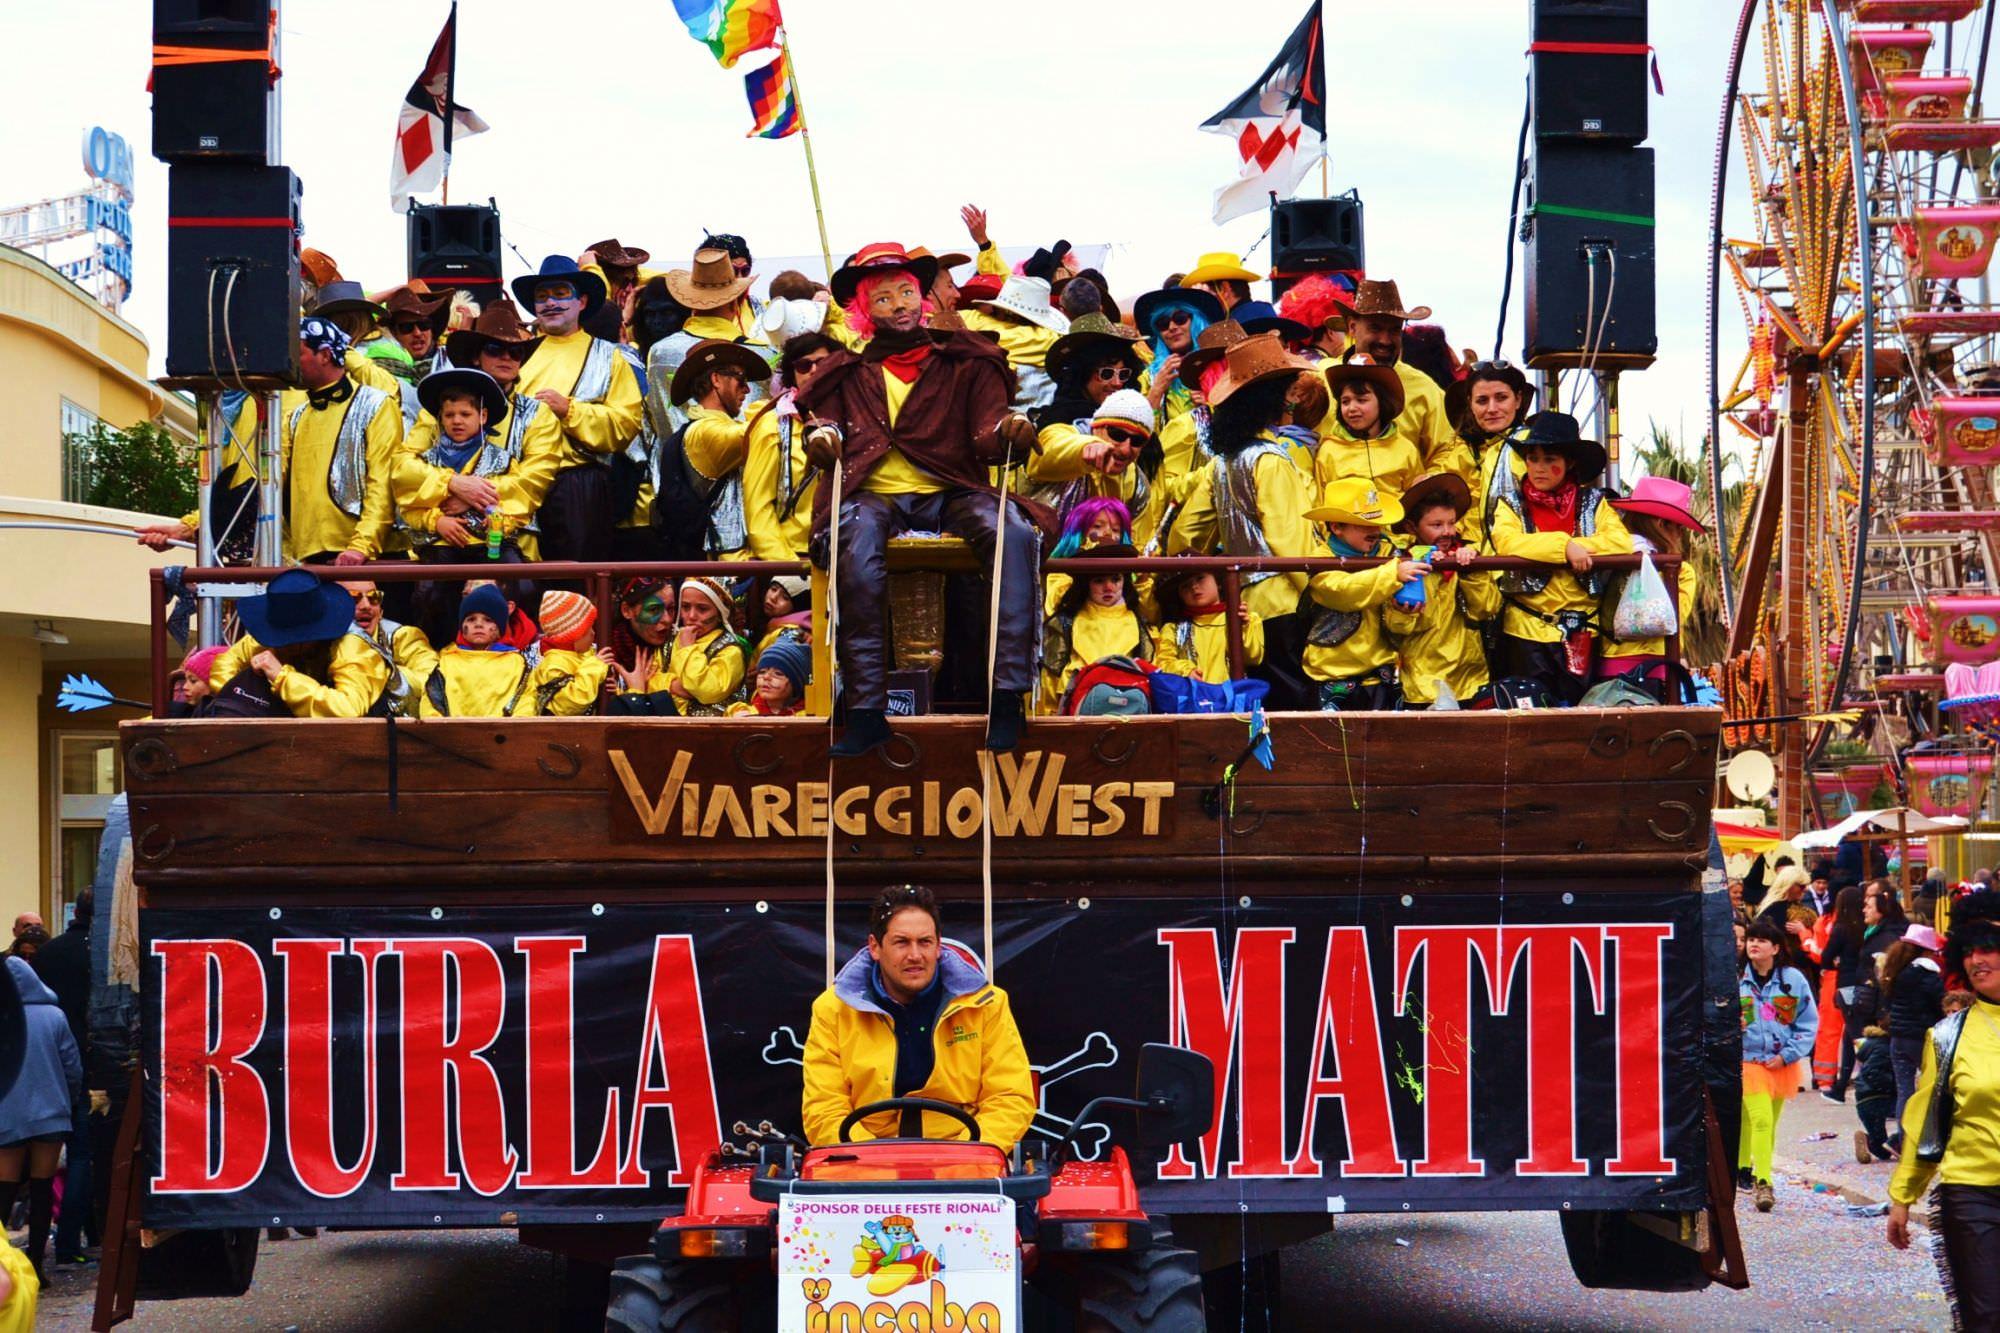 I Burlamatti svelano la carretta per il Carnevale di Viareggio 2016